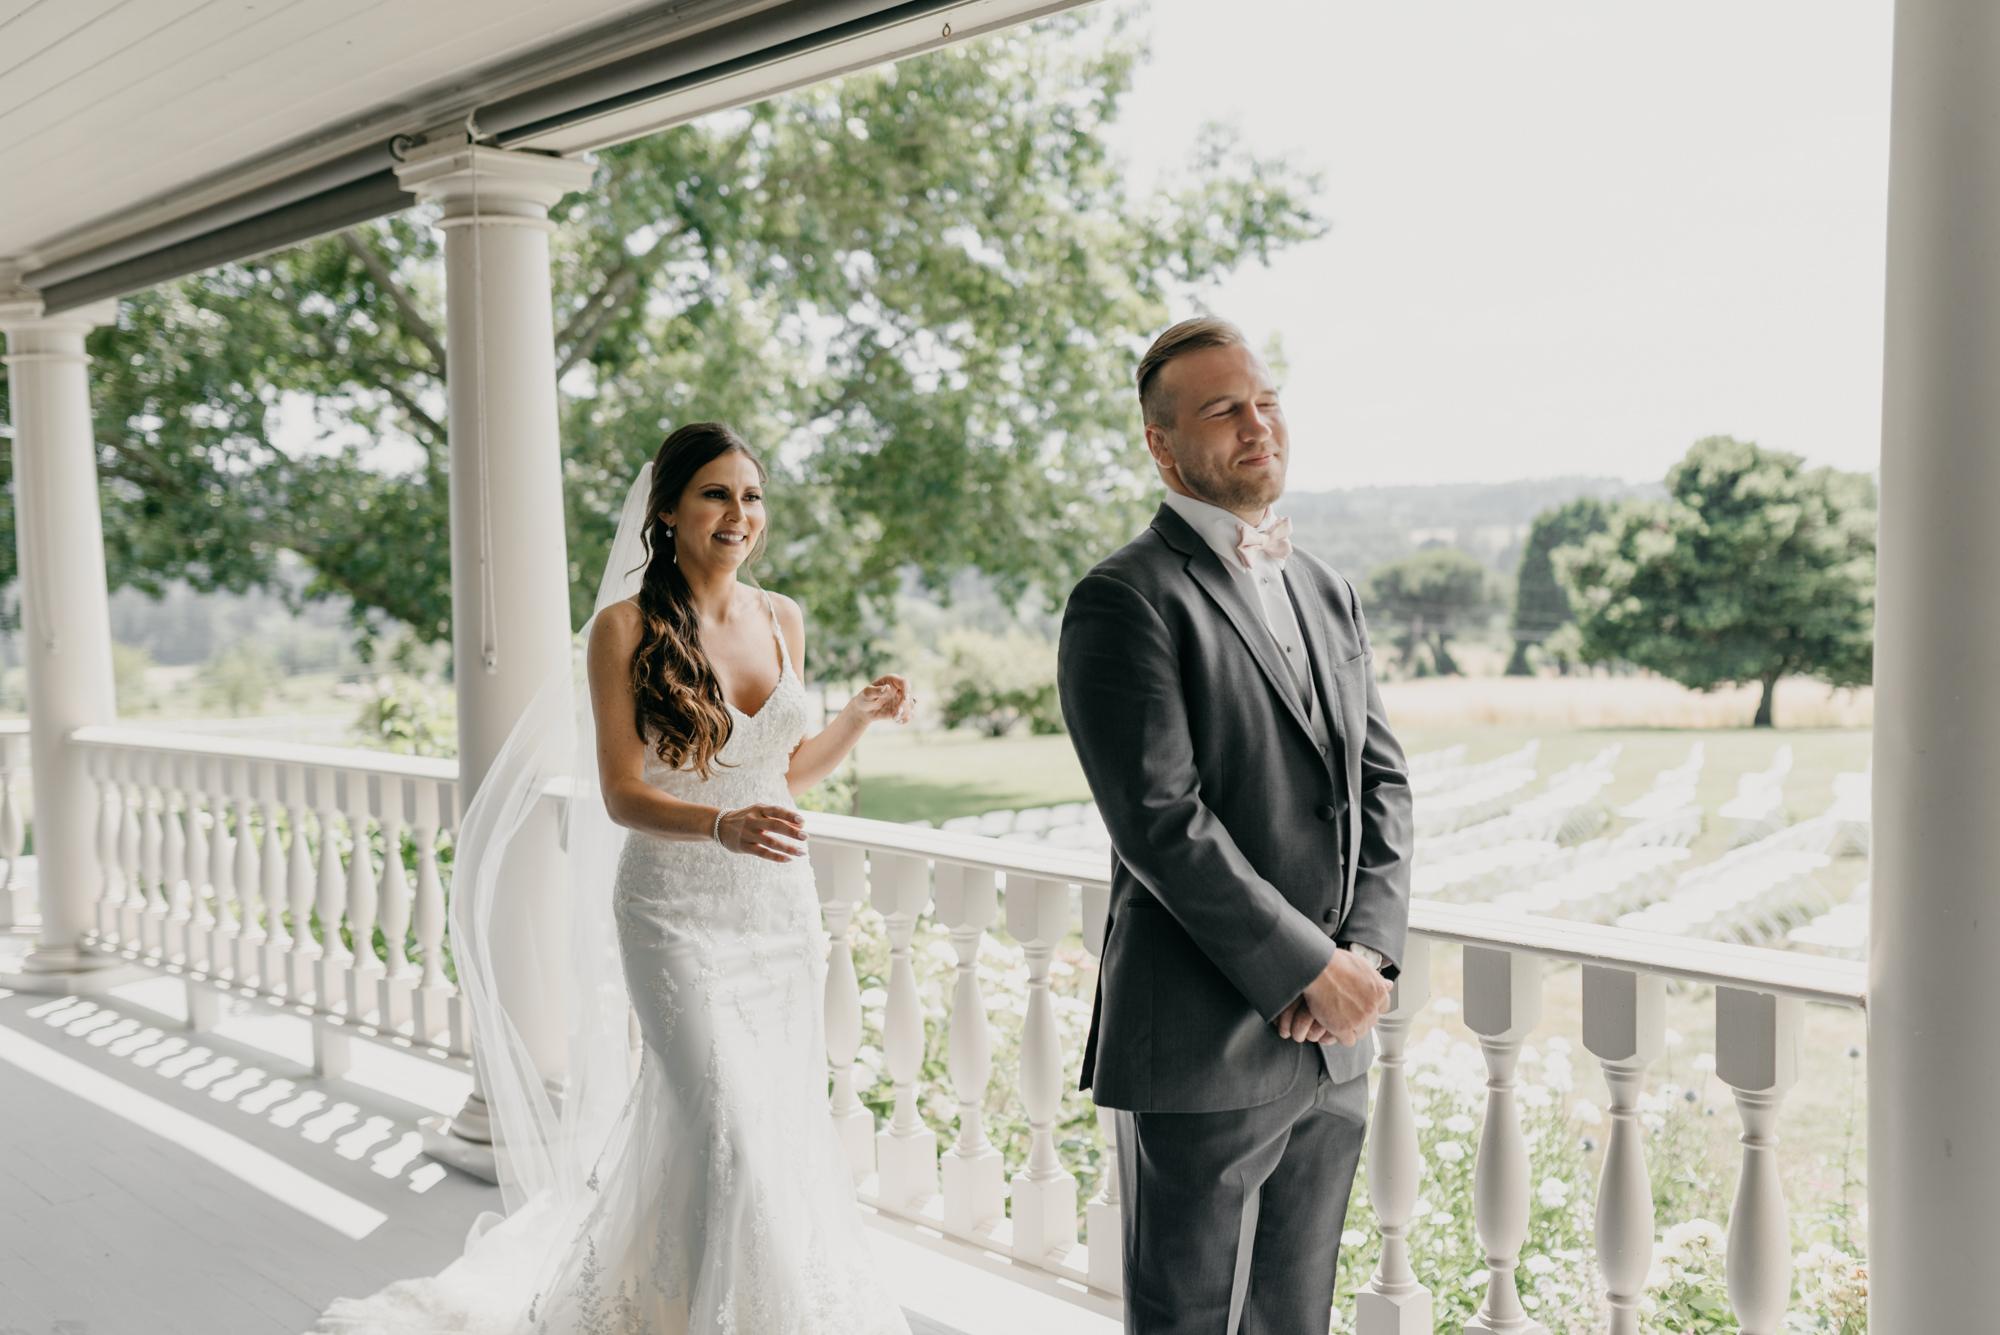 51-first-look-barn-kestrel-wedding-lake-oswego-wedding.jpg